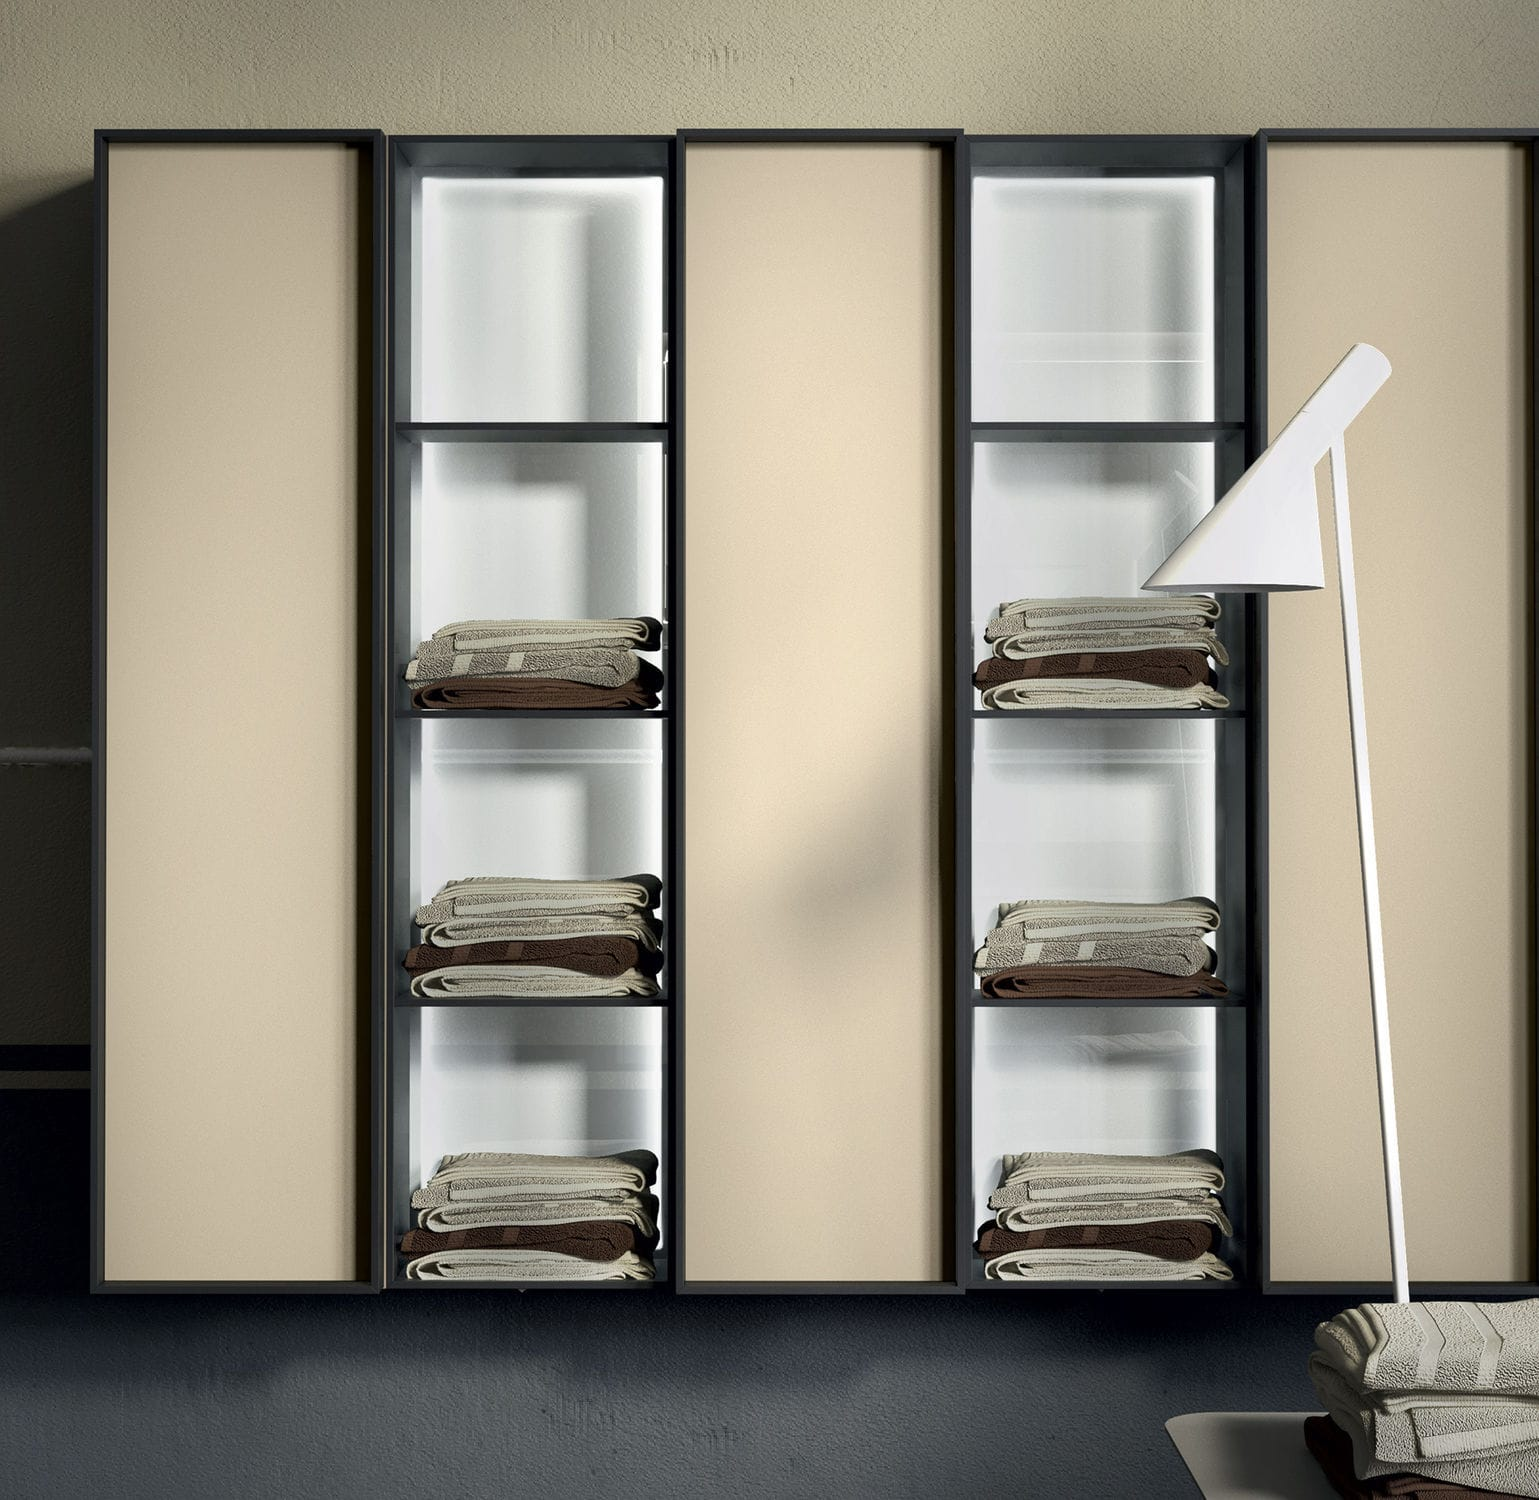 Mueble Columna Para Ba O Moderno Eos Agor Group V Deos # Muebles Salon Eos